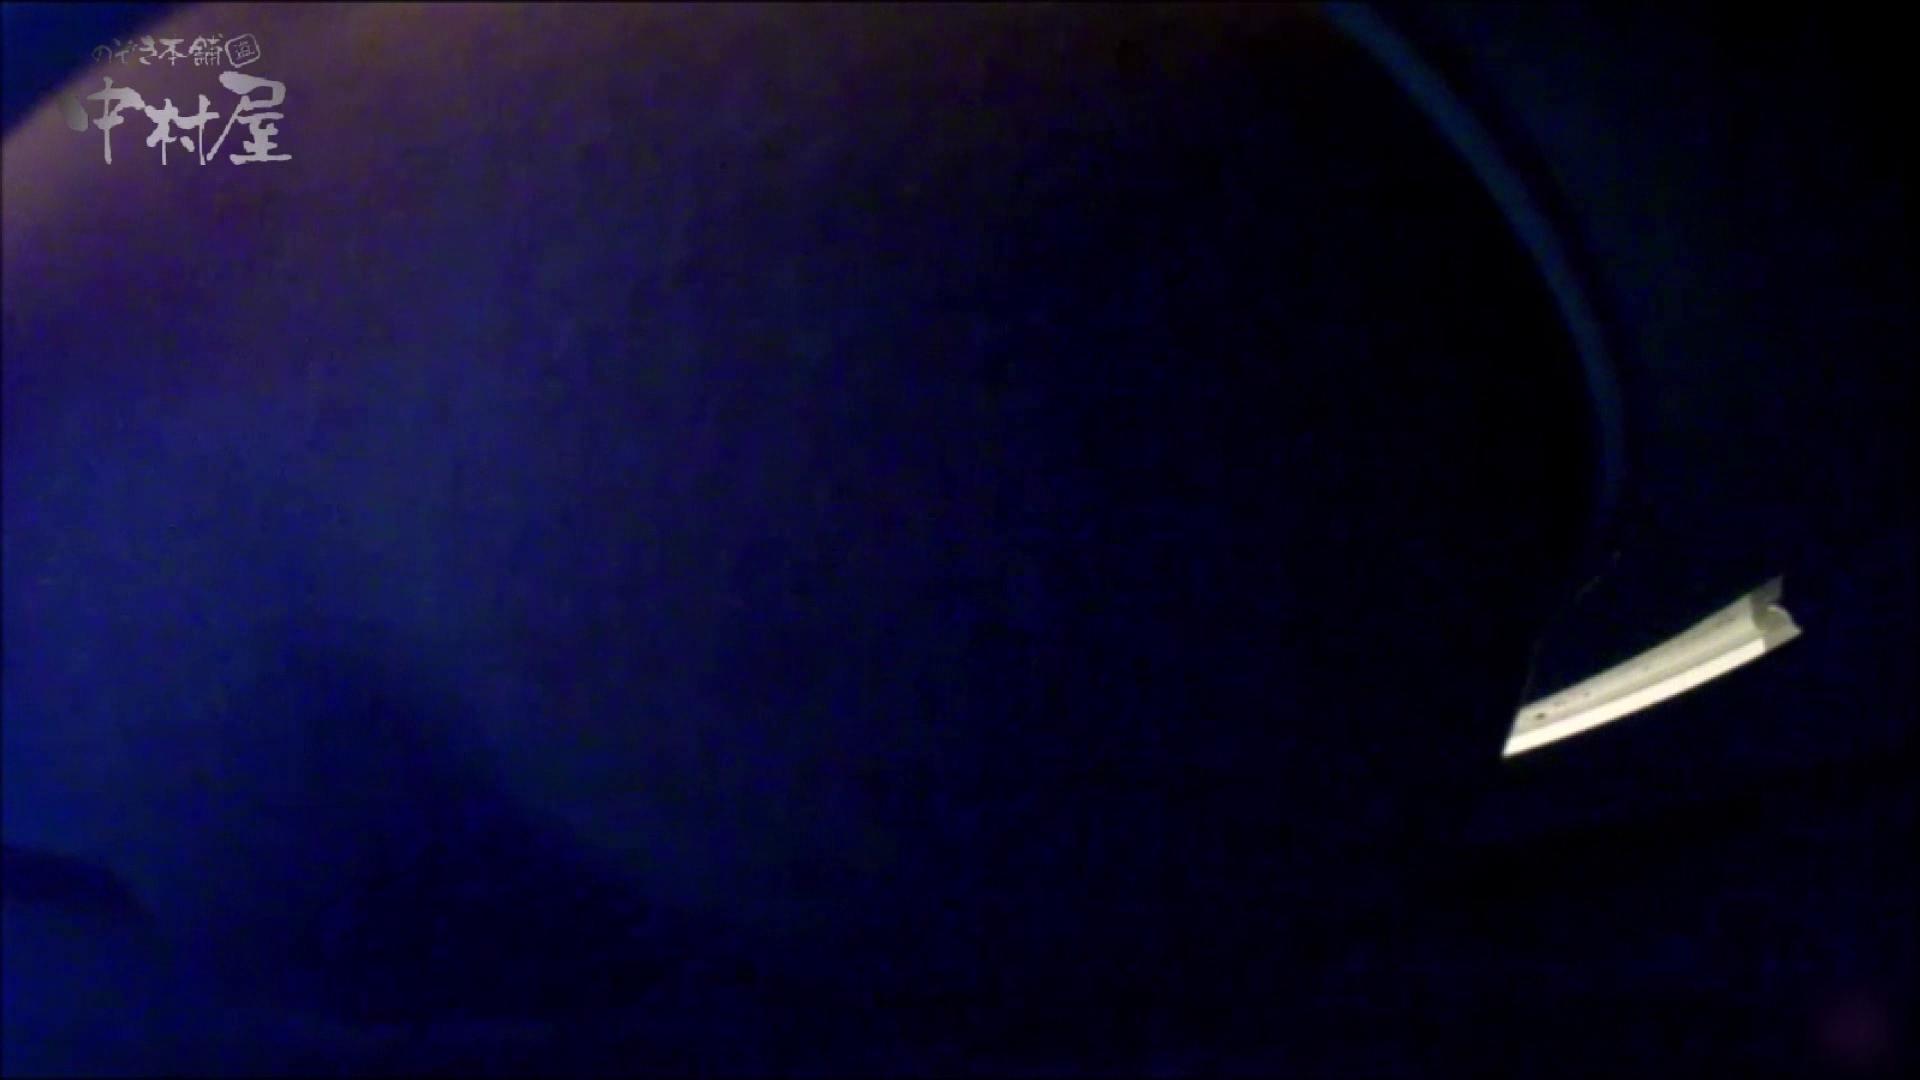 女子トイレ盗撮~某ファミレス編~vol.17 女子トイレ編 AV無料動画キャプチャ 113PIX 111